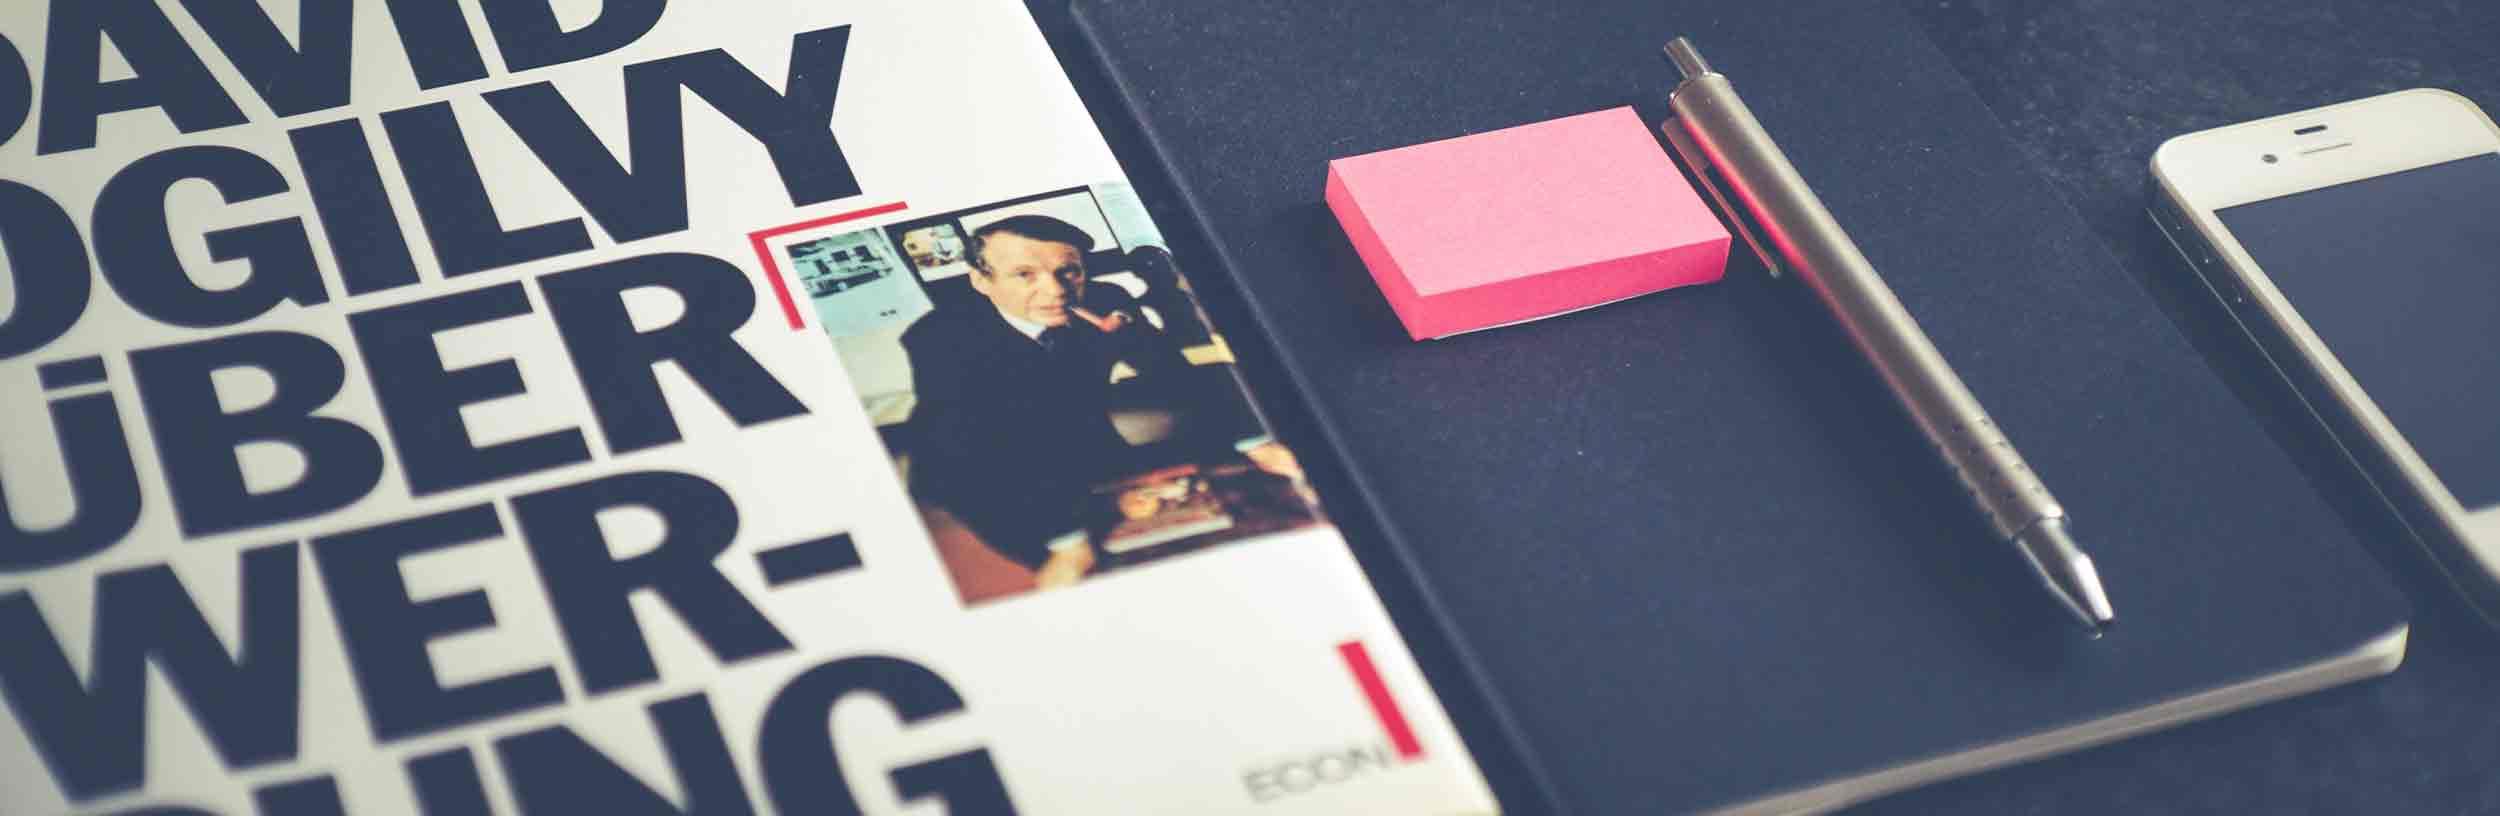 Bessere Beratung für Internetseiten durch mehr Wissen: Das Vorbild für die Textagentur MAINKA in Hamburg. Ein Buch ist abgebildelt von dem berühmten Copywriter Ogilvy